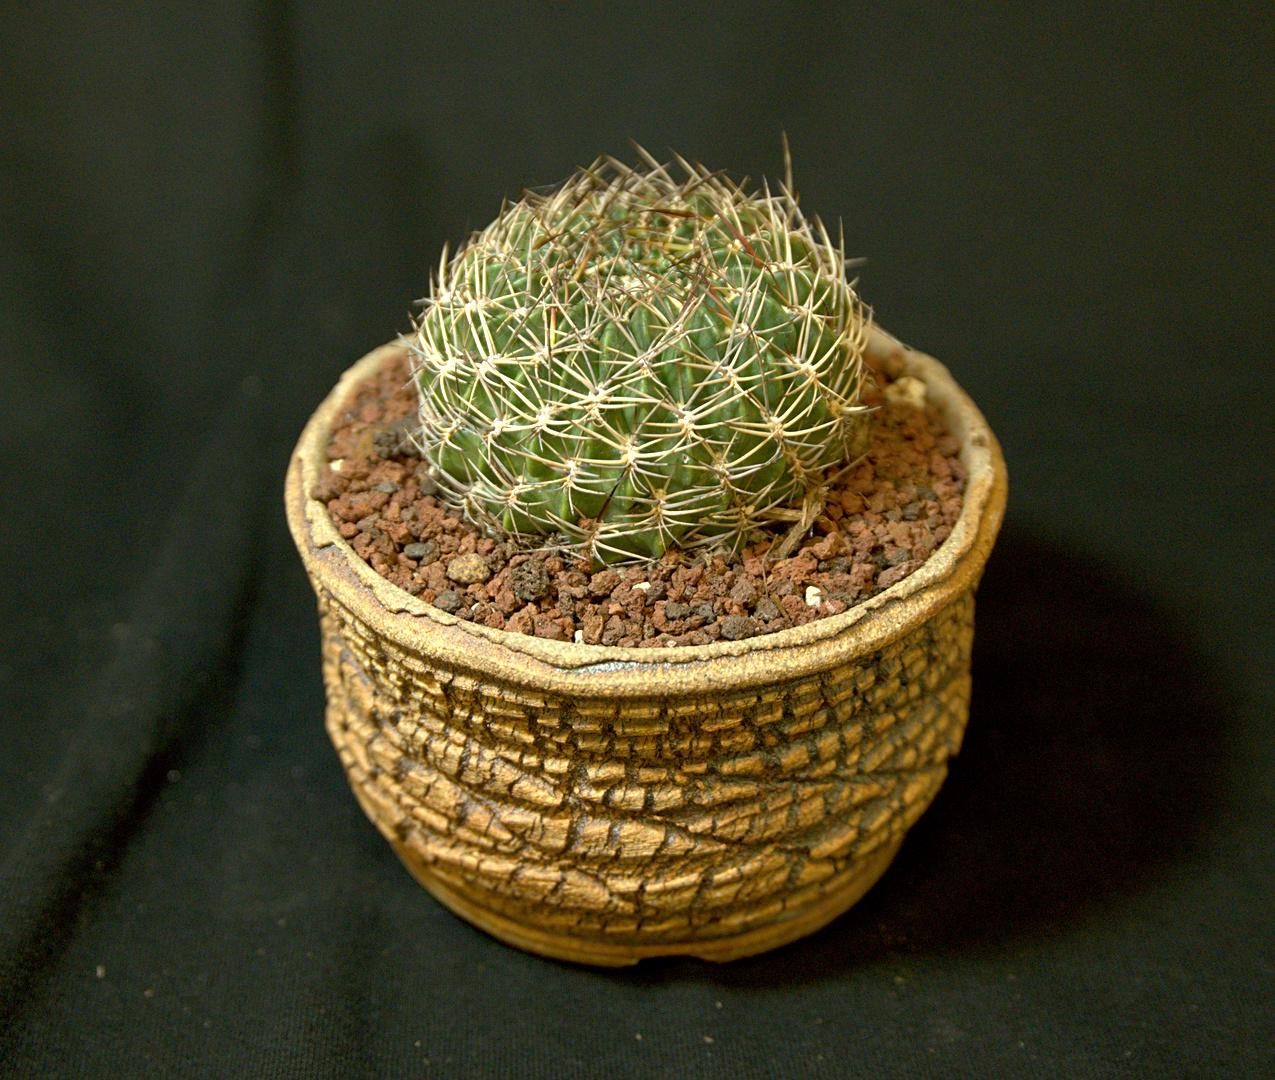 SCCSS 2018 July - Winner Novice Cactus - Coni Nettles - Lobivia acanthoplegma